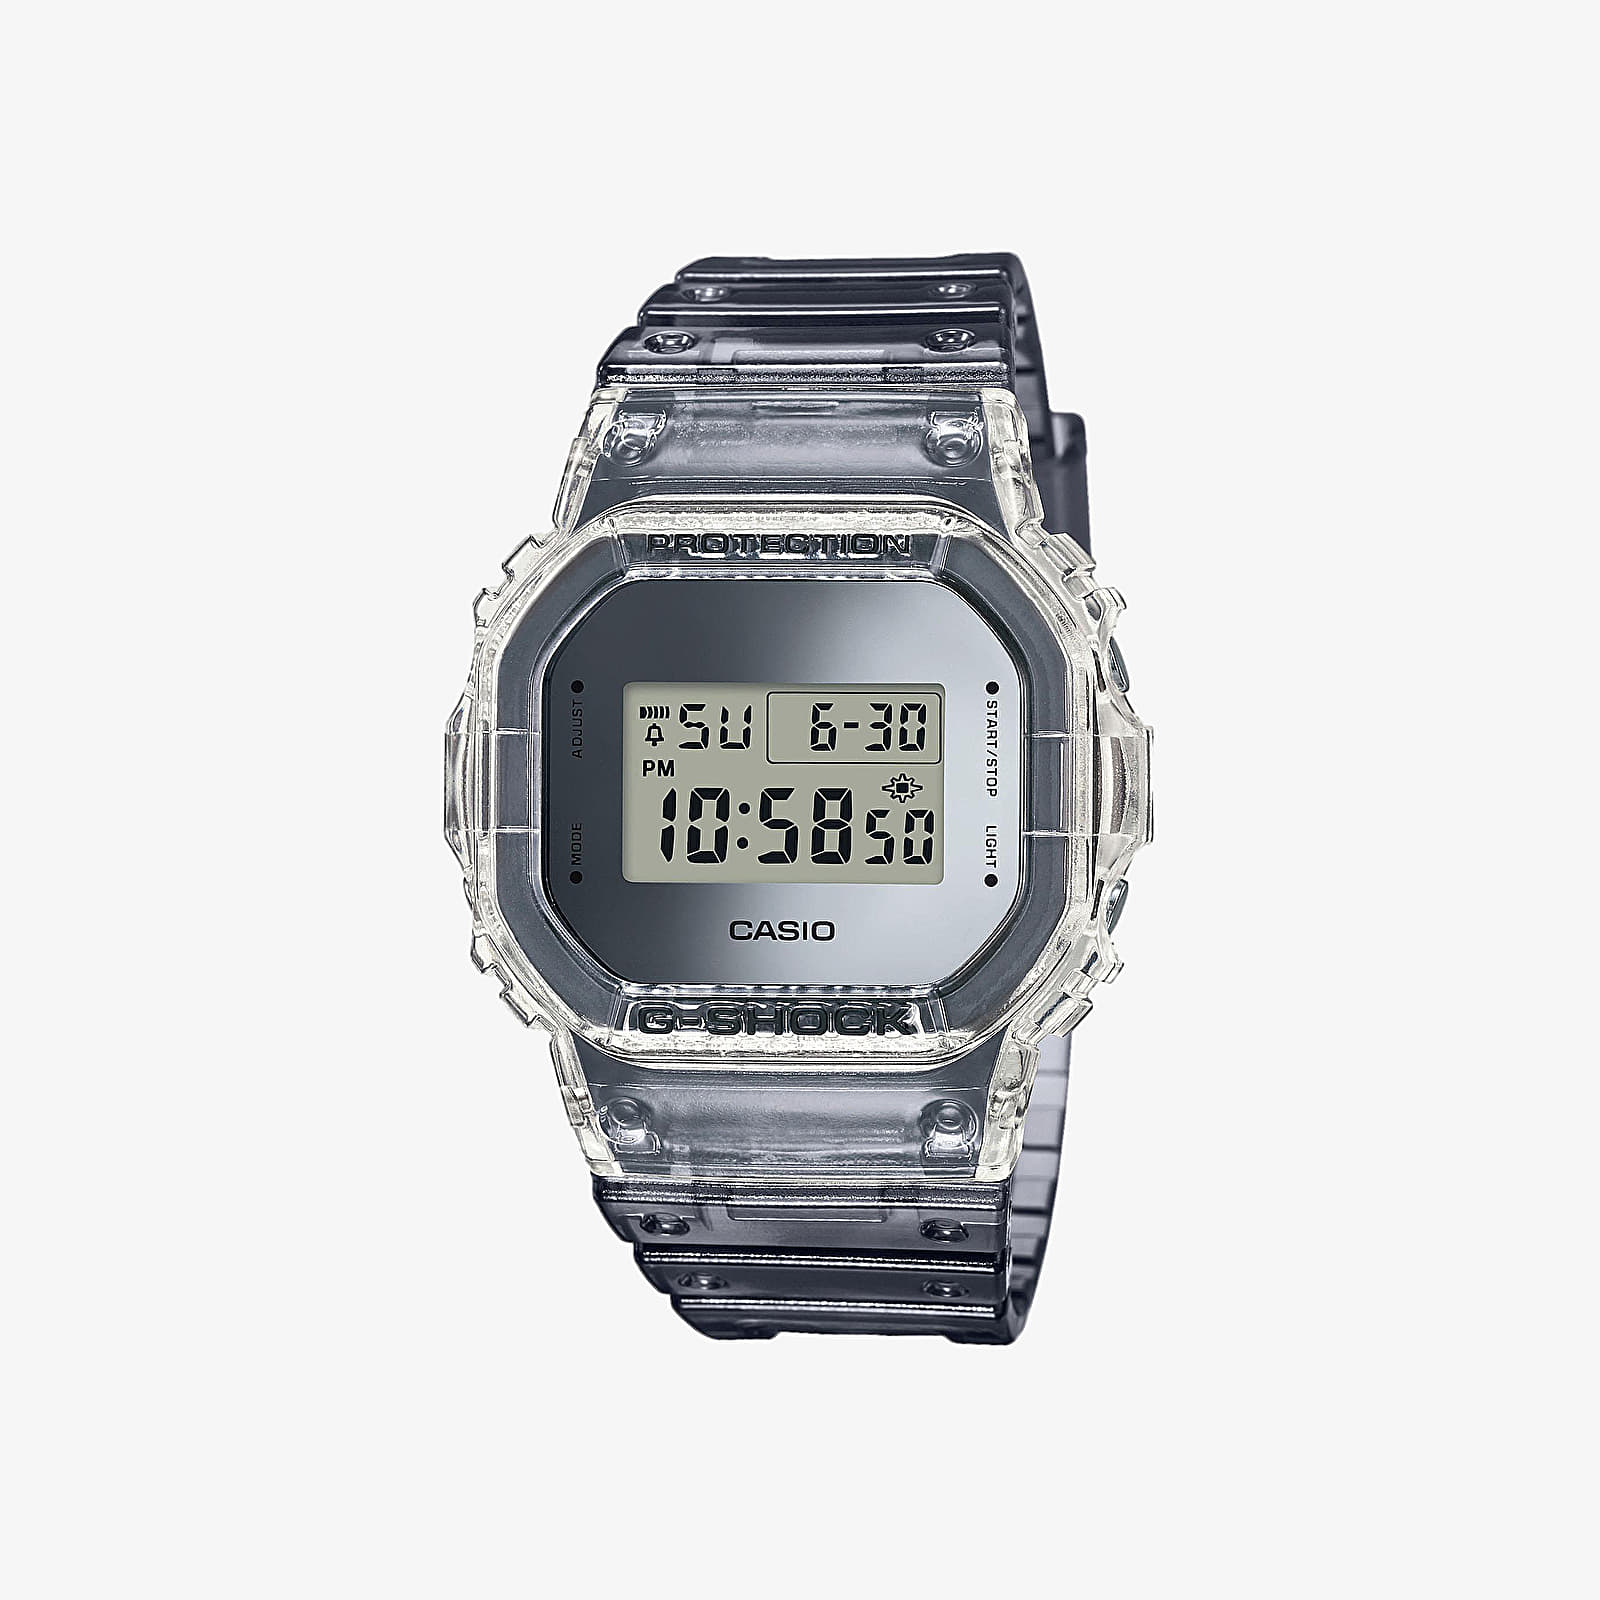 Casio G-Shock DW-5600SK-1ER Watch